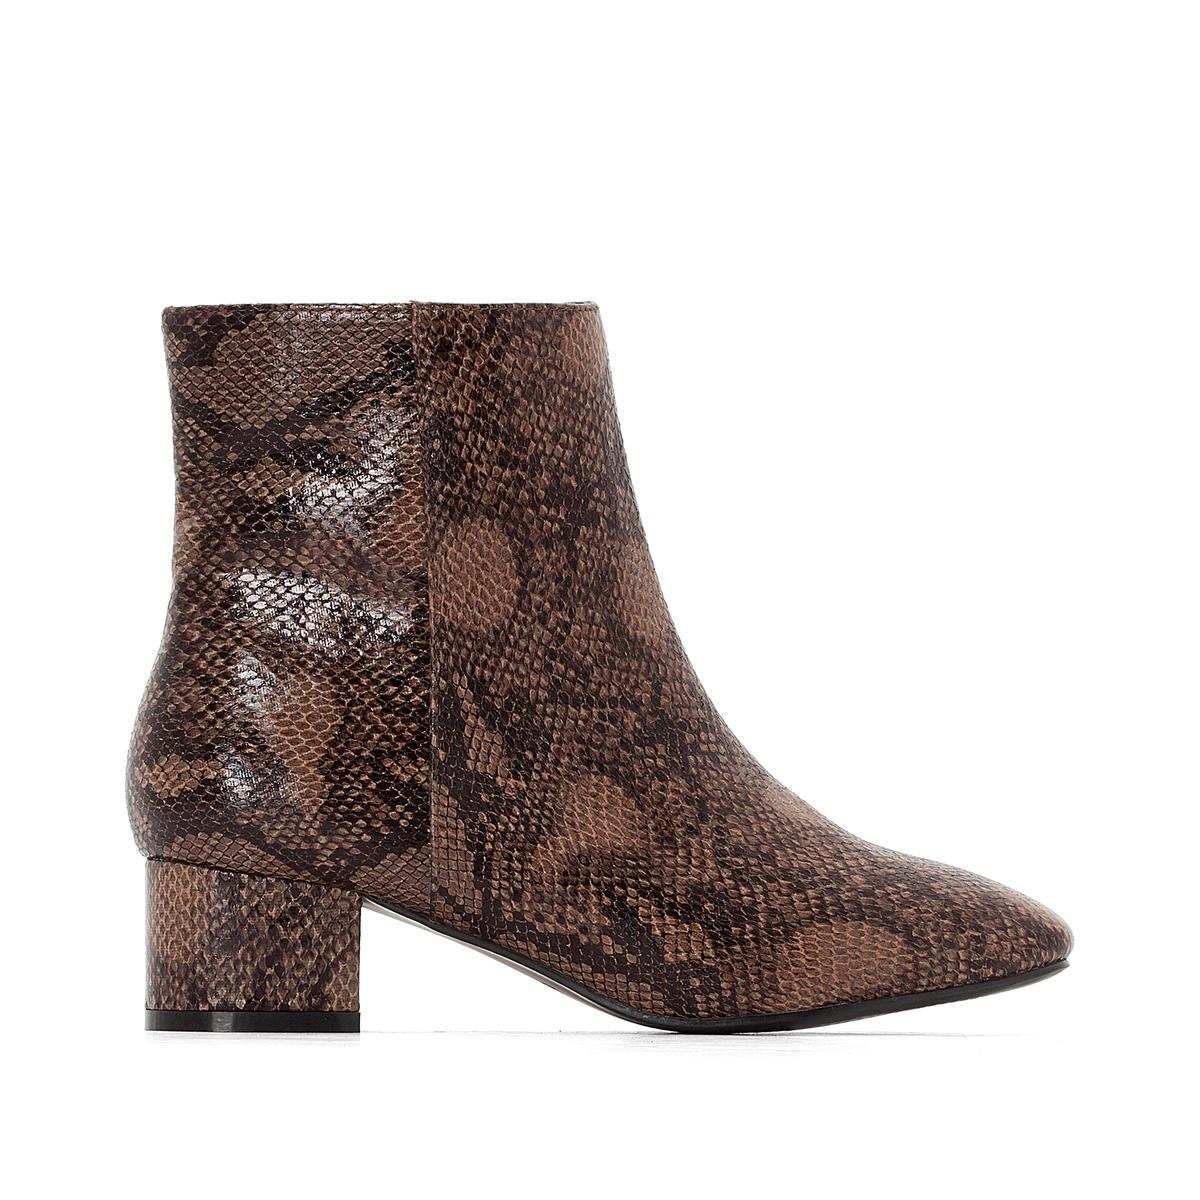 zapatillas Botines estilo serpiente con tac?n, pie ancho, del 38 al 45